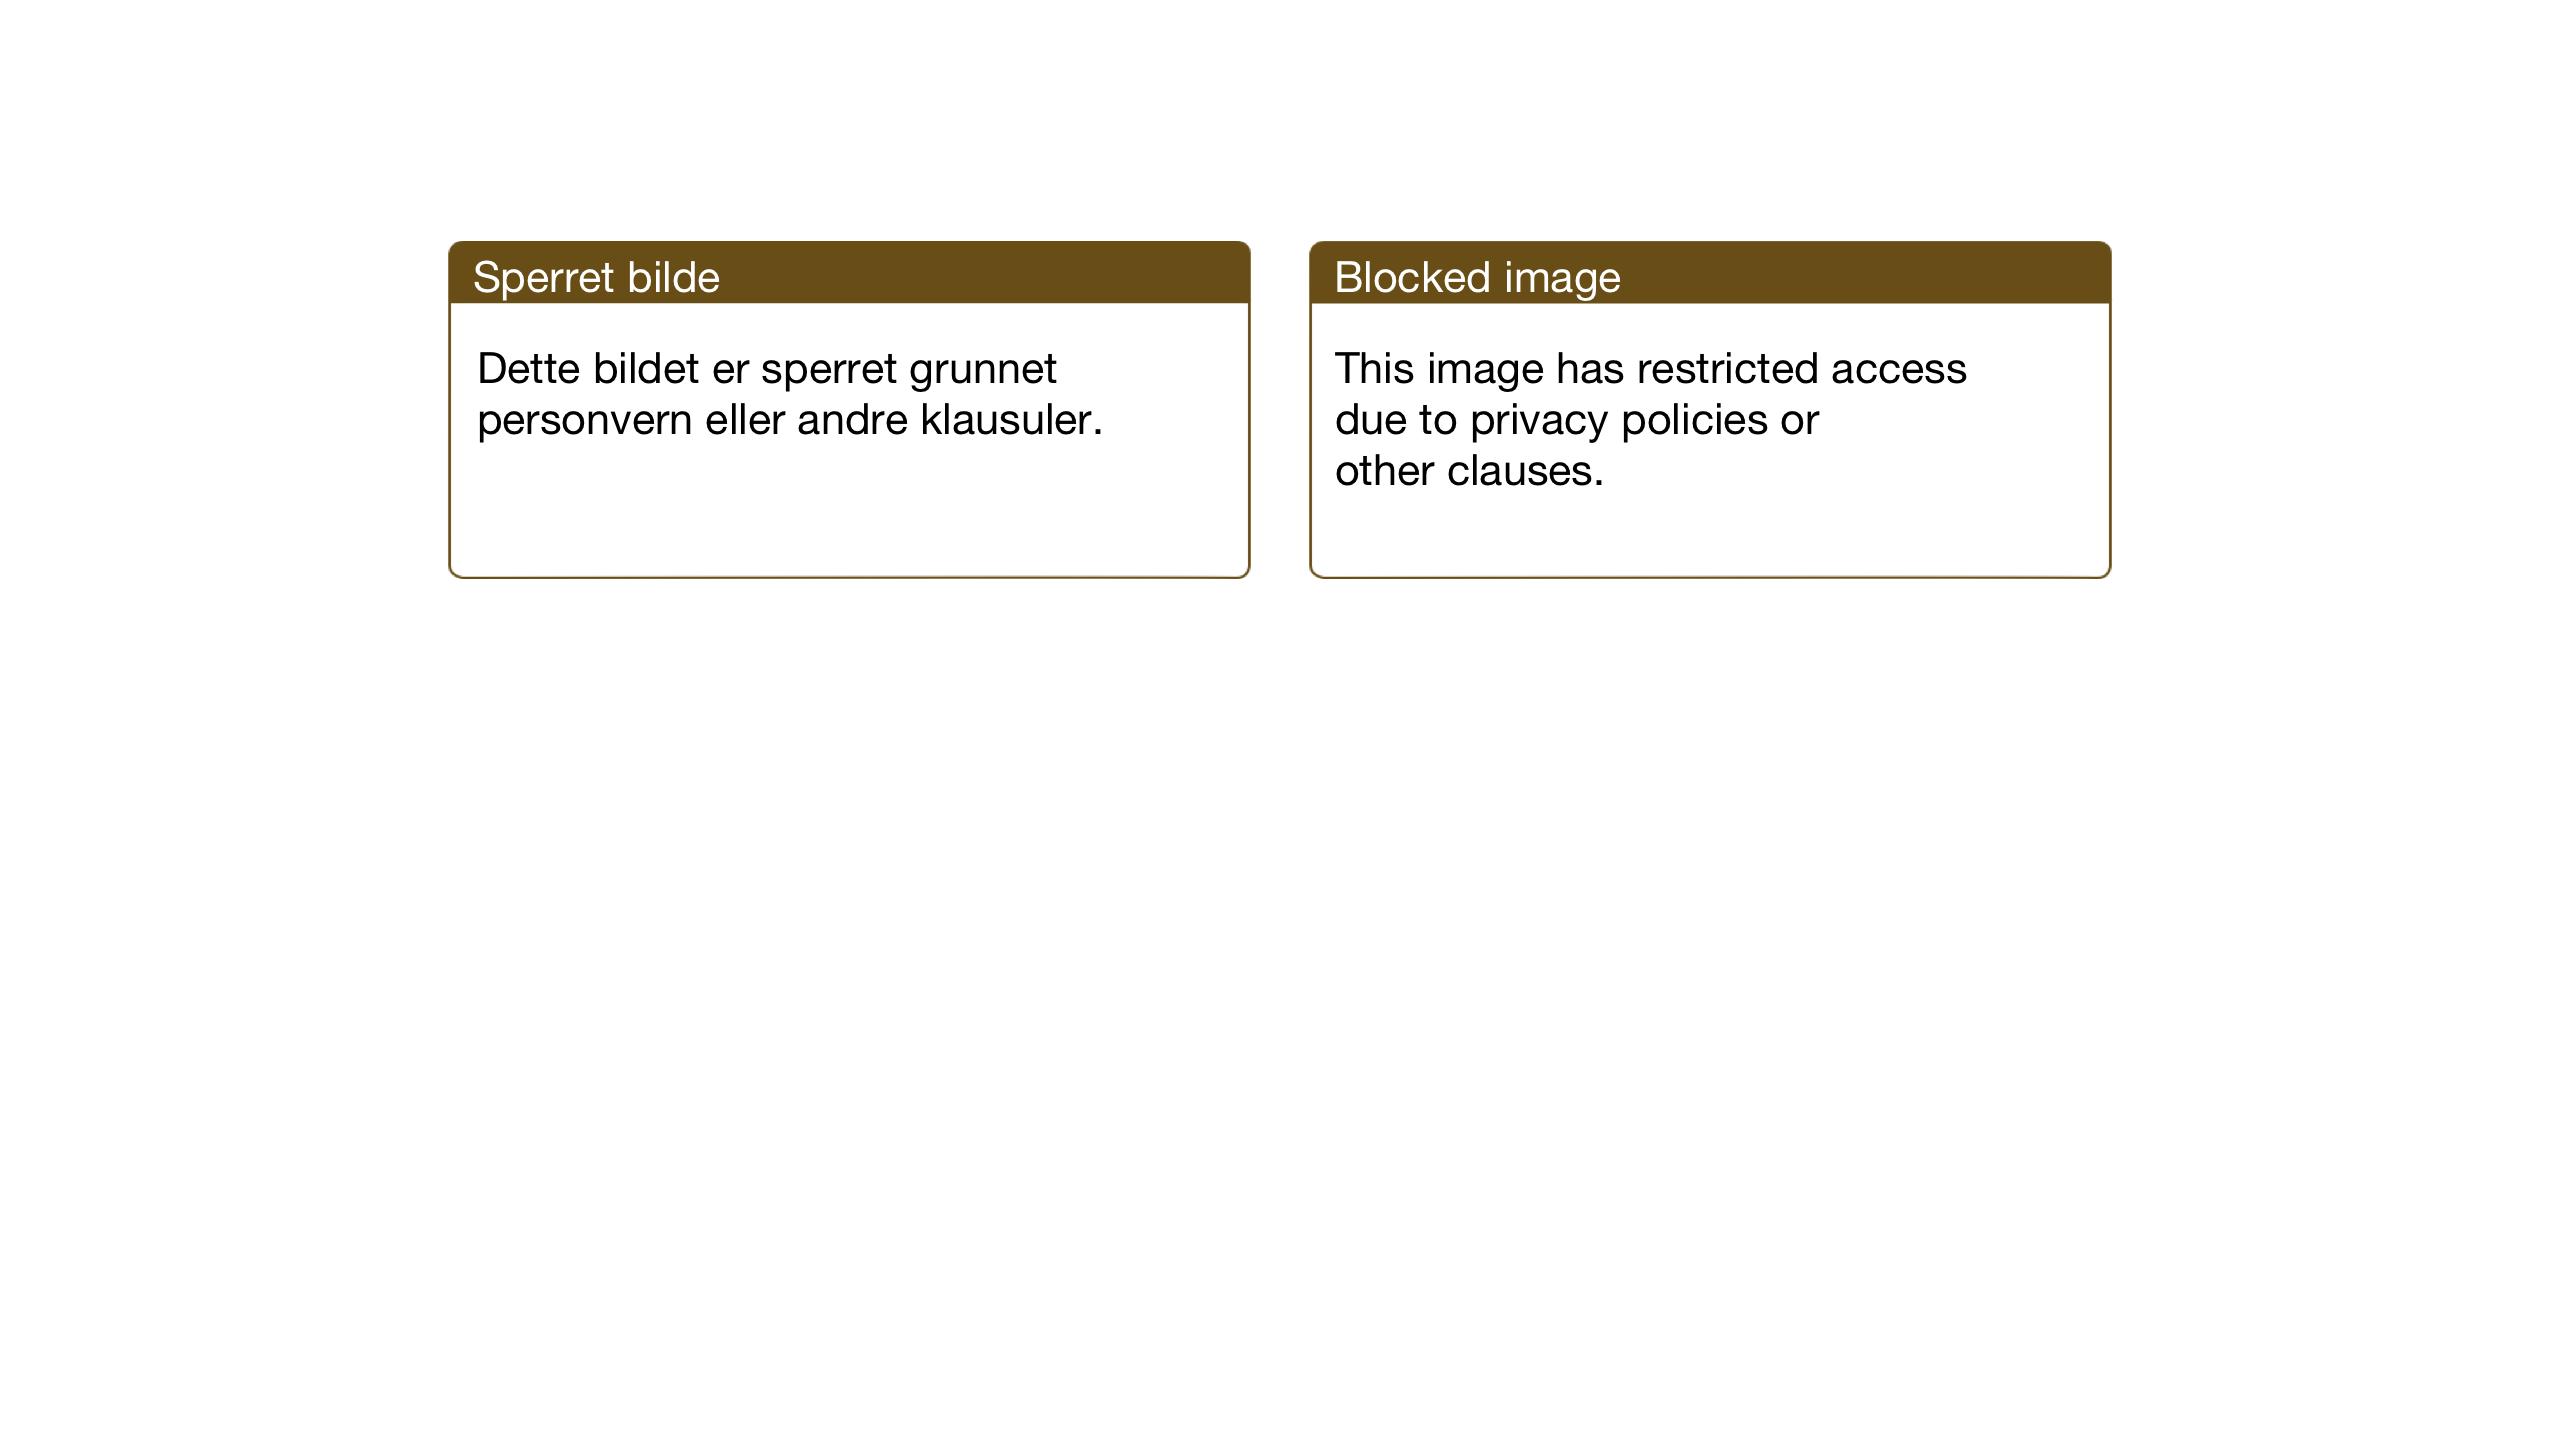 SAT, Ministerialprotokoller, klokkerbøker og fødselsregistre - Nord-Trøndelag, 773/L0625: Klokkerbok nr. 773C01, 1910-1952, s. 92